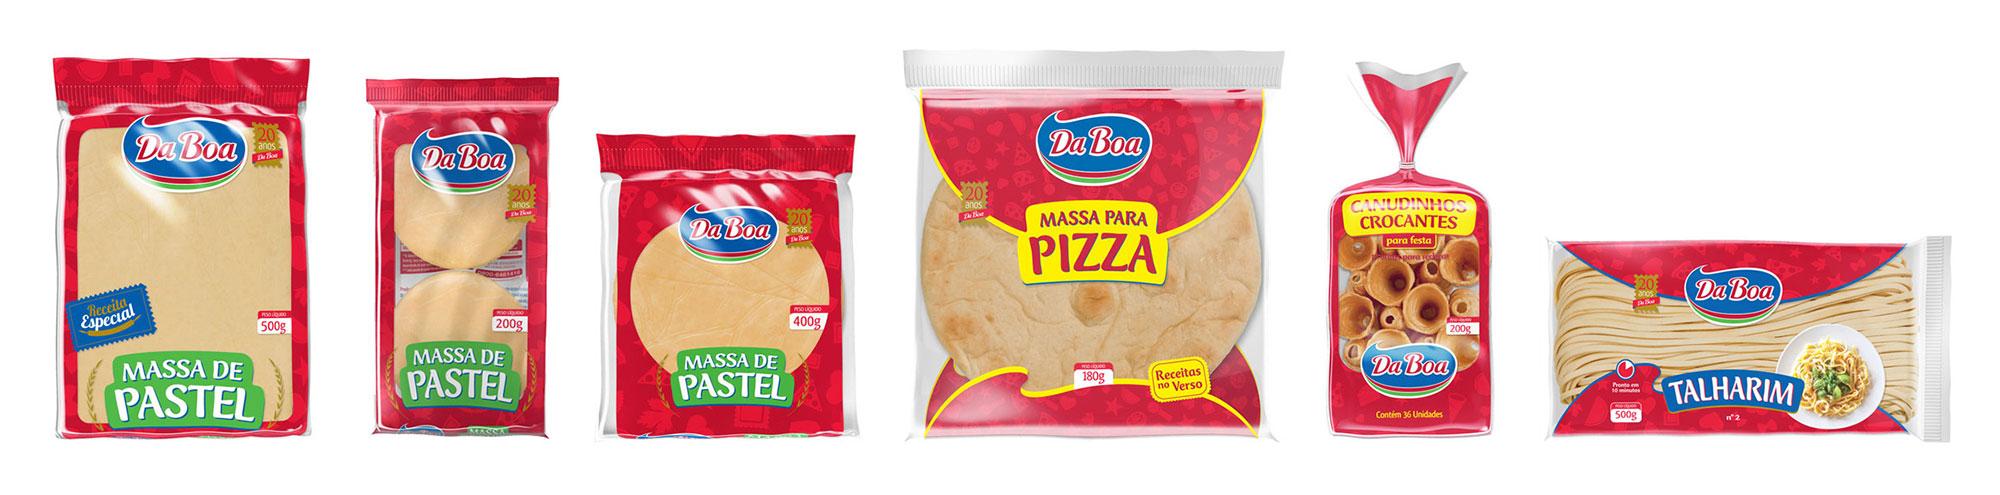 design de embalagens para massas de pastel e pizza